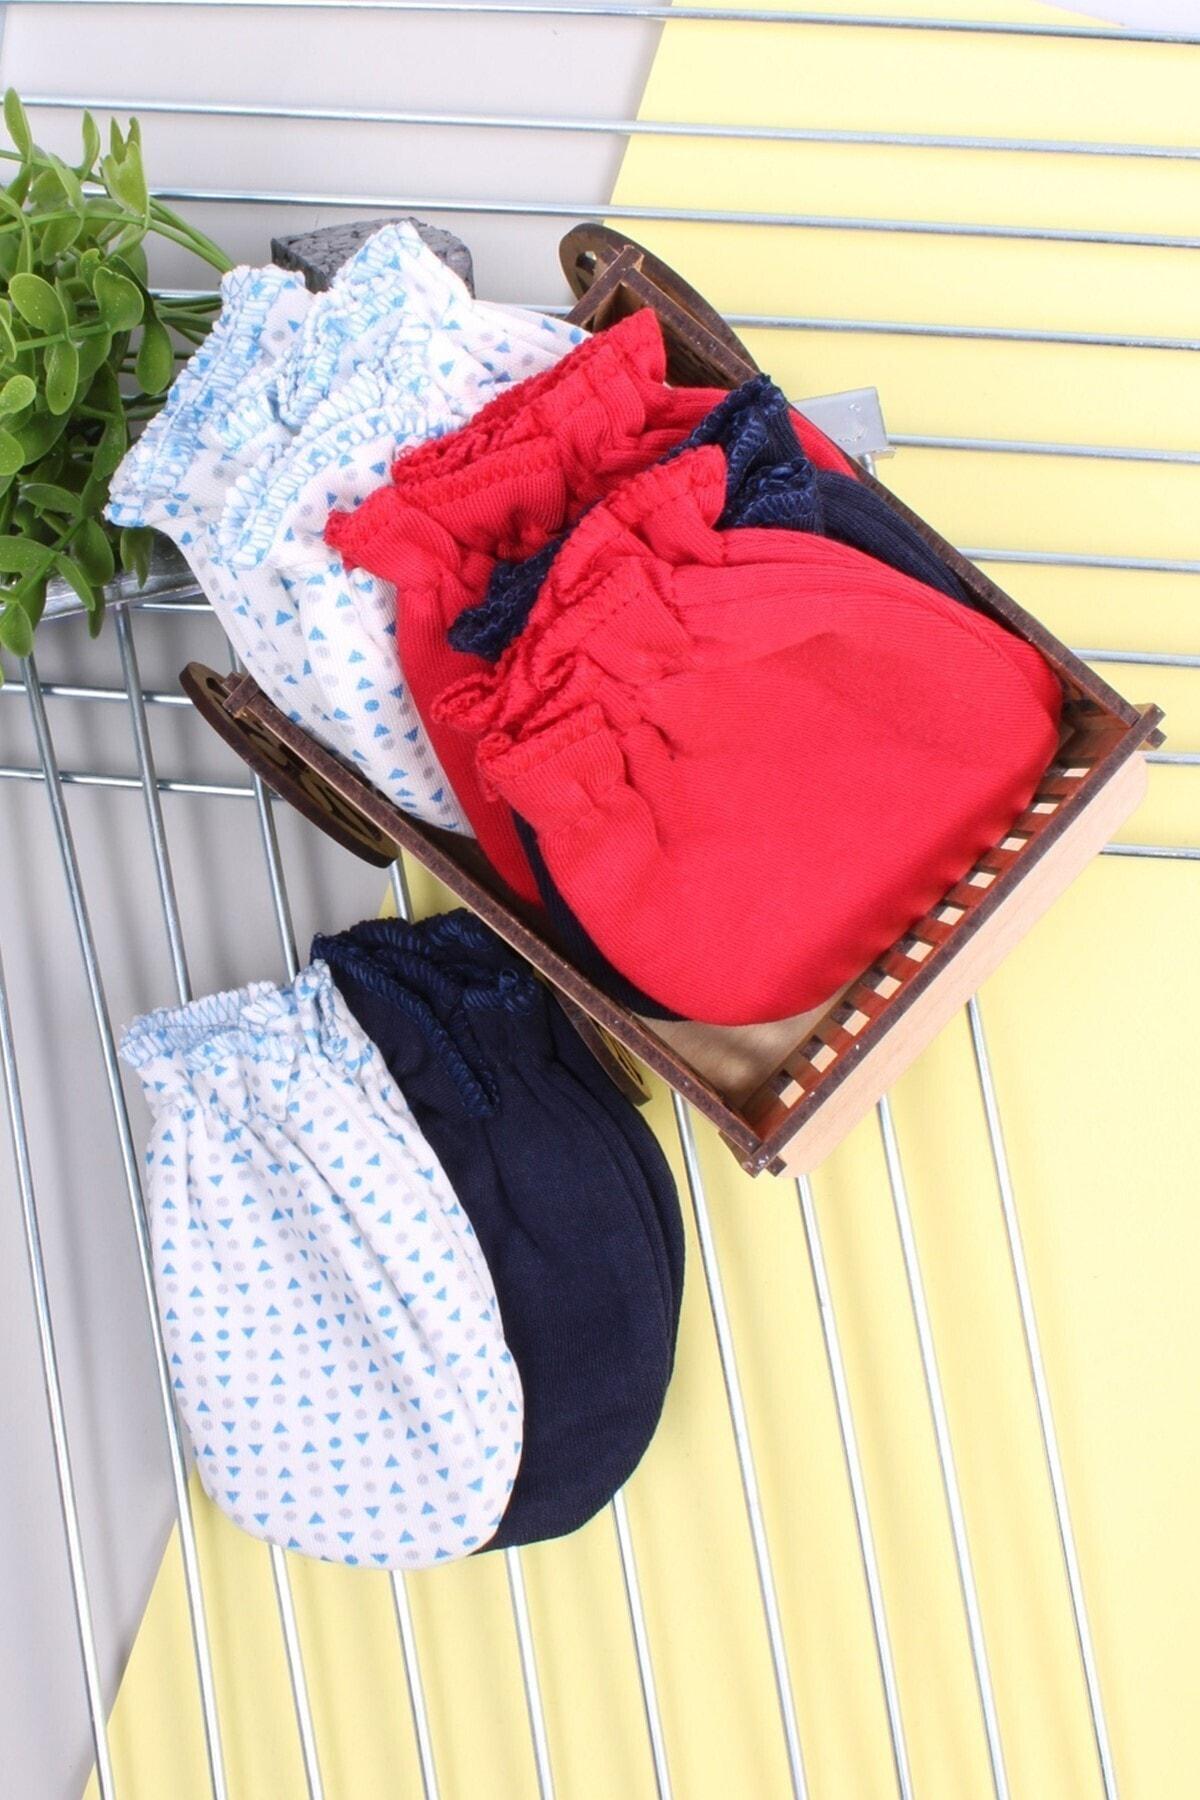 دستکش نوزاد ترک مجلسی برند Babydonat رنگ نارنجی کد ty52954361